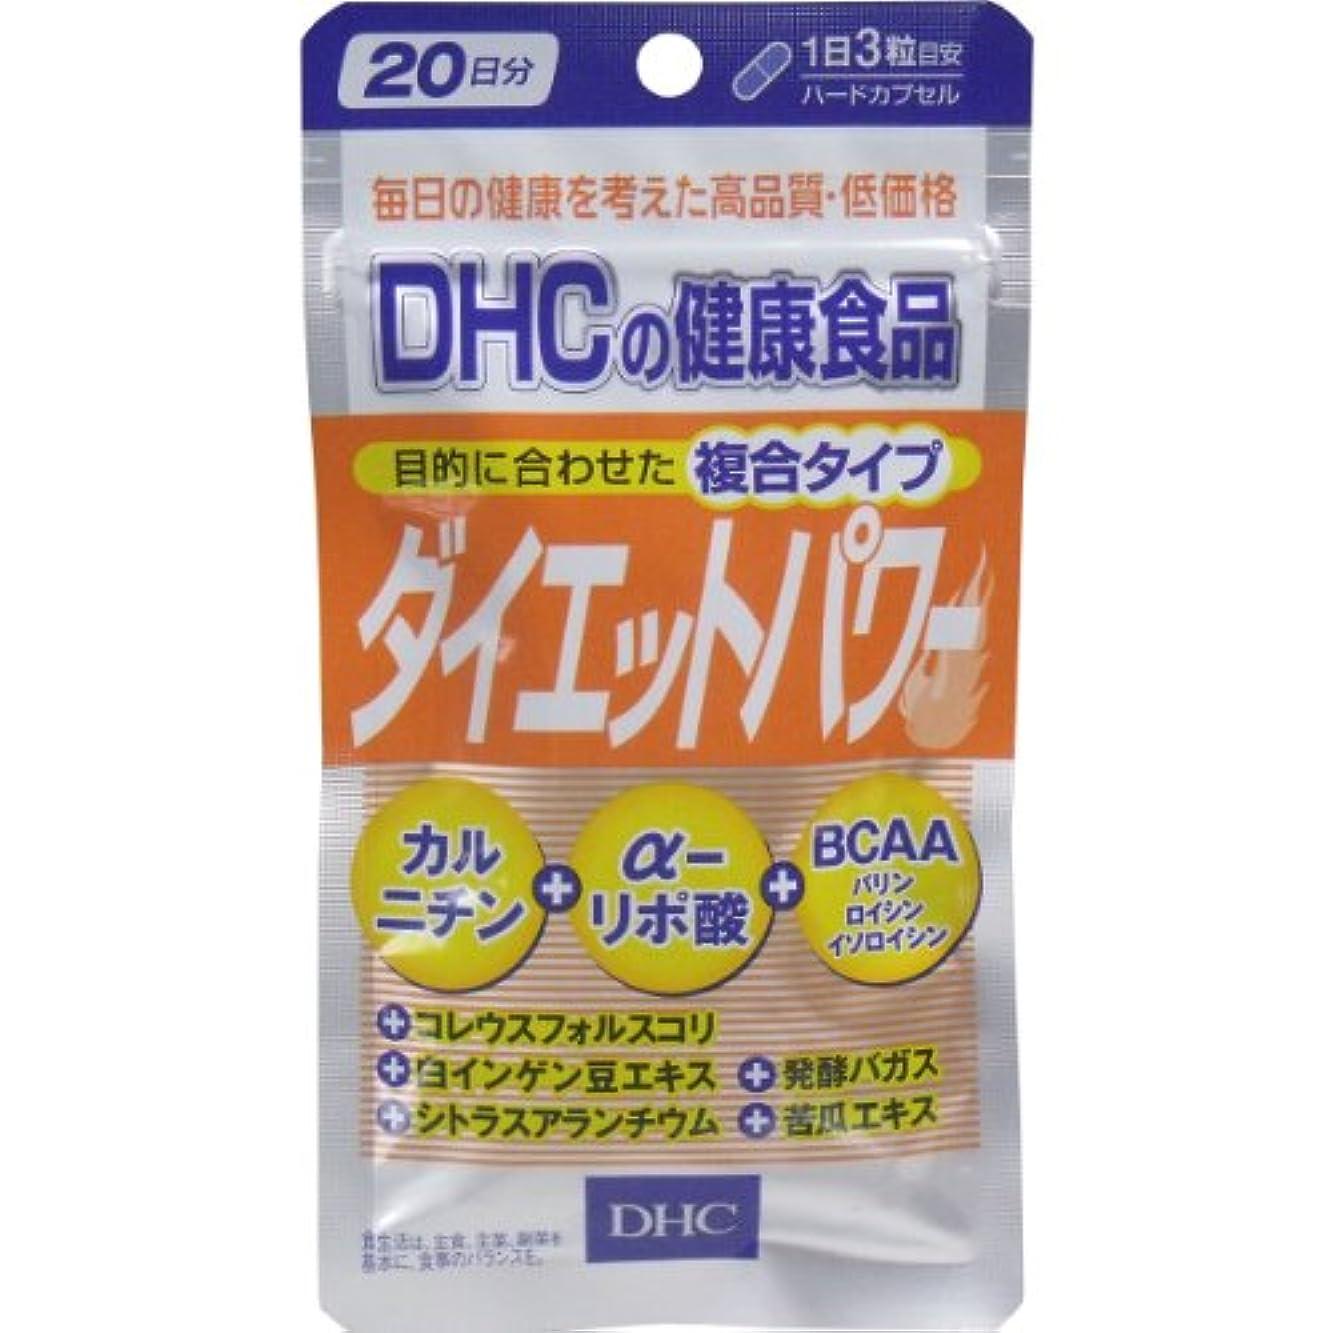 法廷絡み合い夕方DHC ダイエットパワー 60粒入 20日分